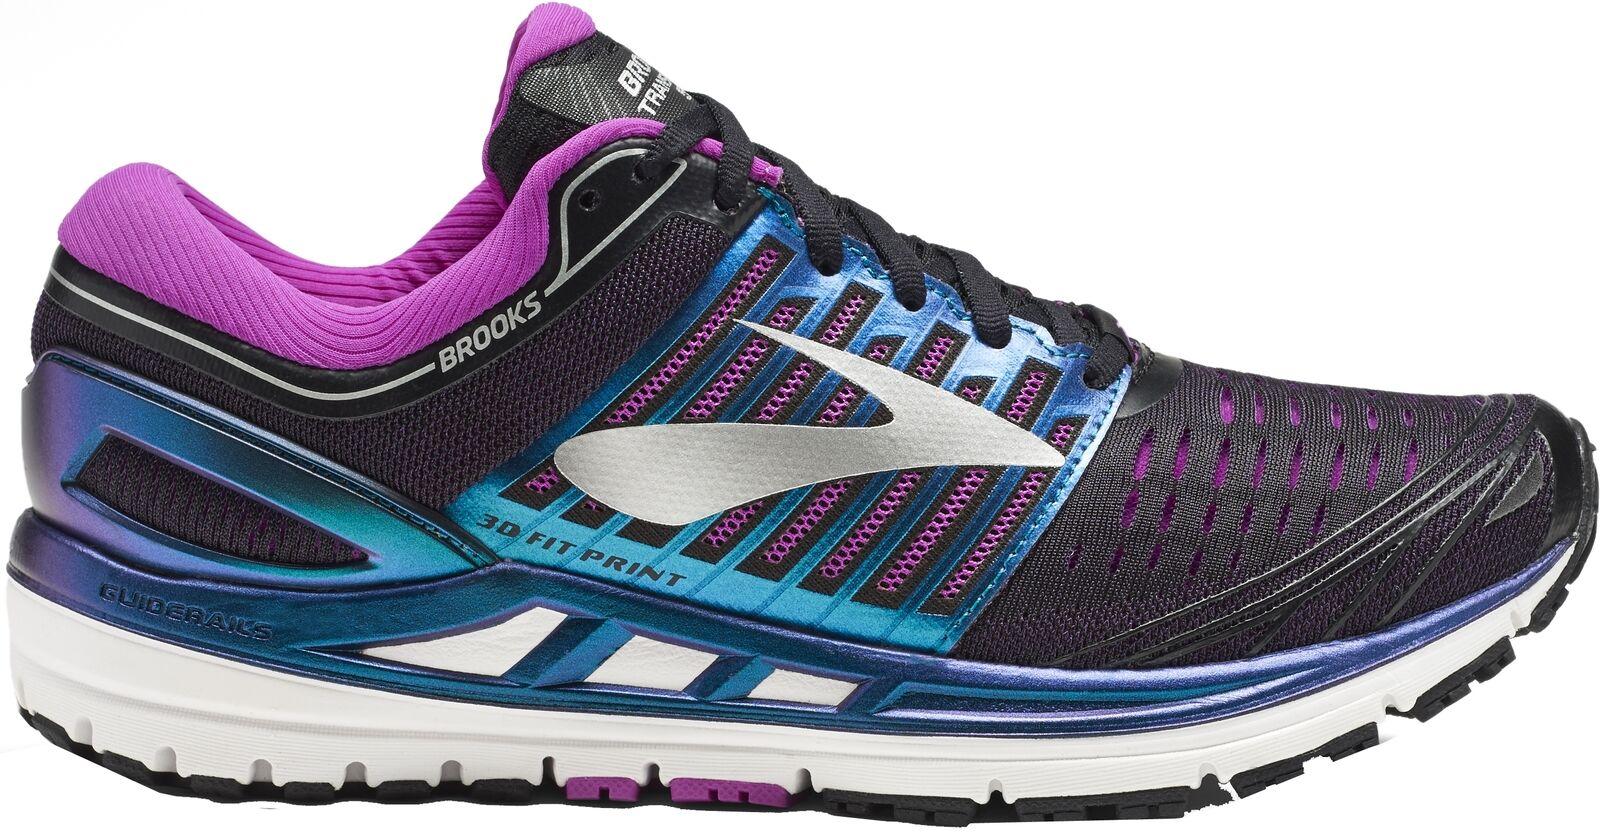 Brooks transcend 5 damas de zapatillas para correr confort zapatos zapatillas